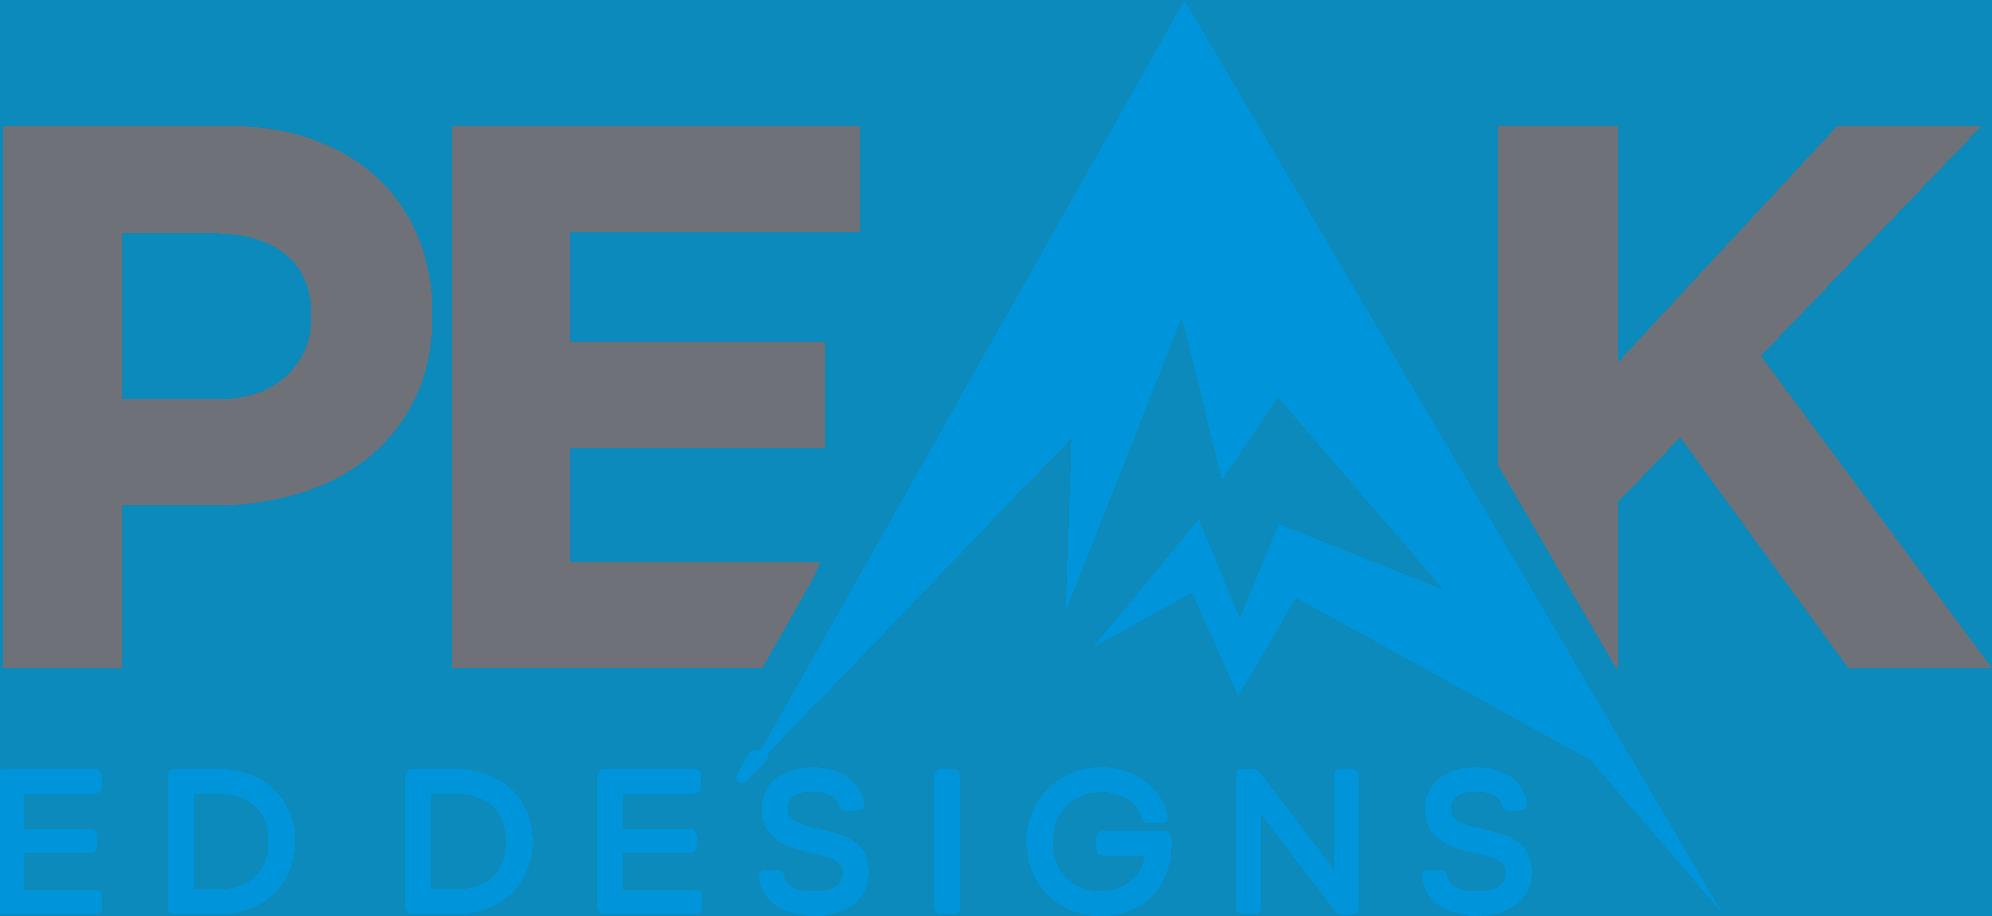 Peak Ed Designs